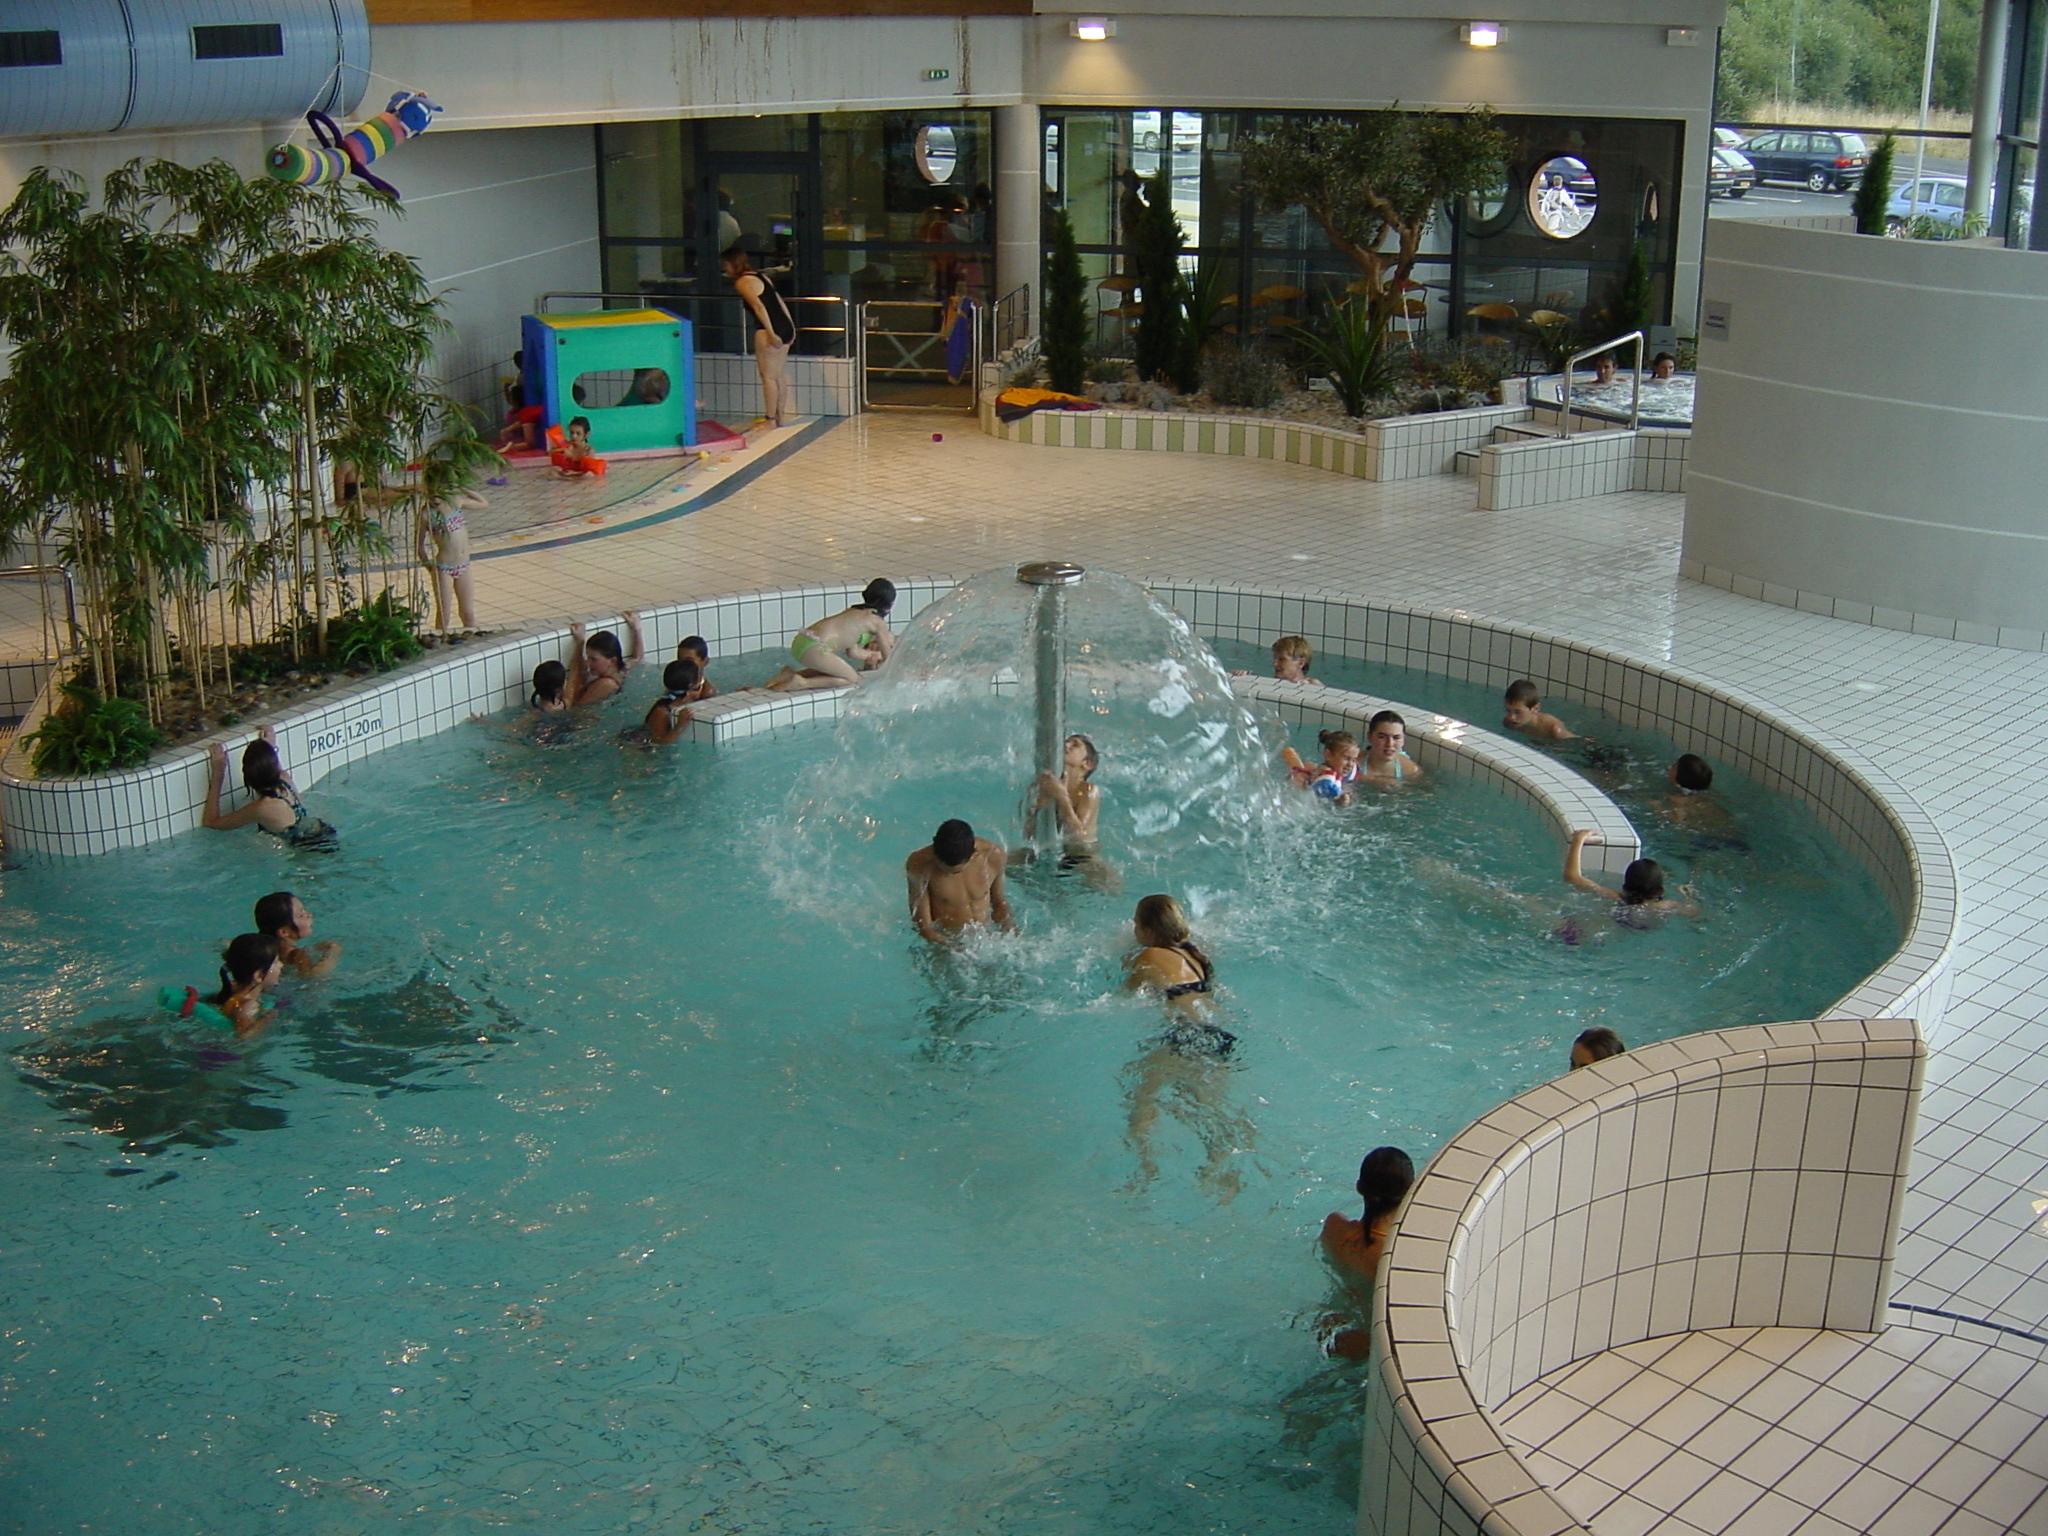 Le Centre Aquatique Le Grand 9 concernant Piscine St Philbert De Grand Lieu